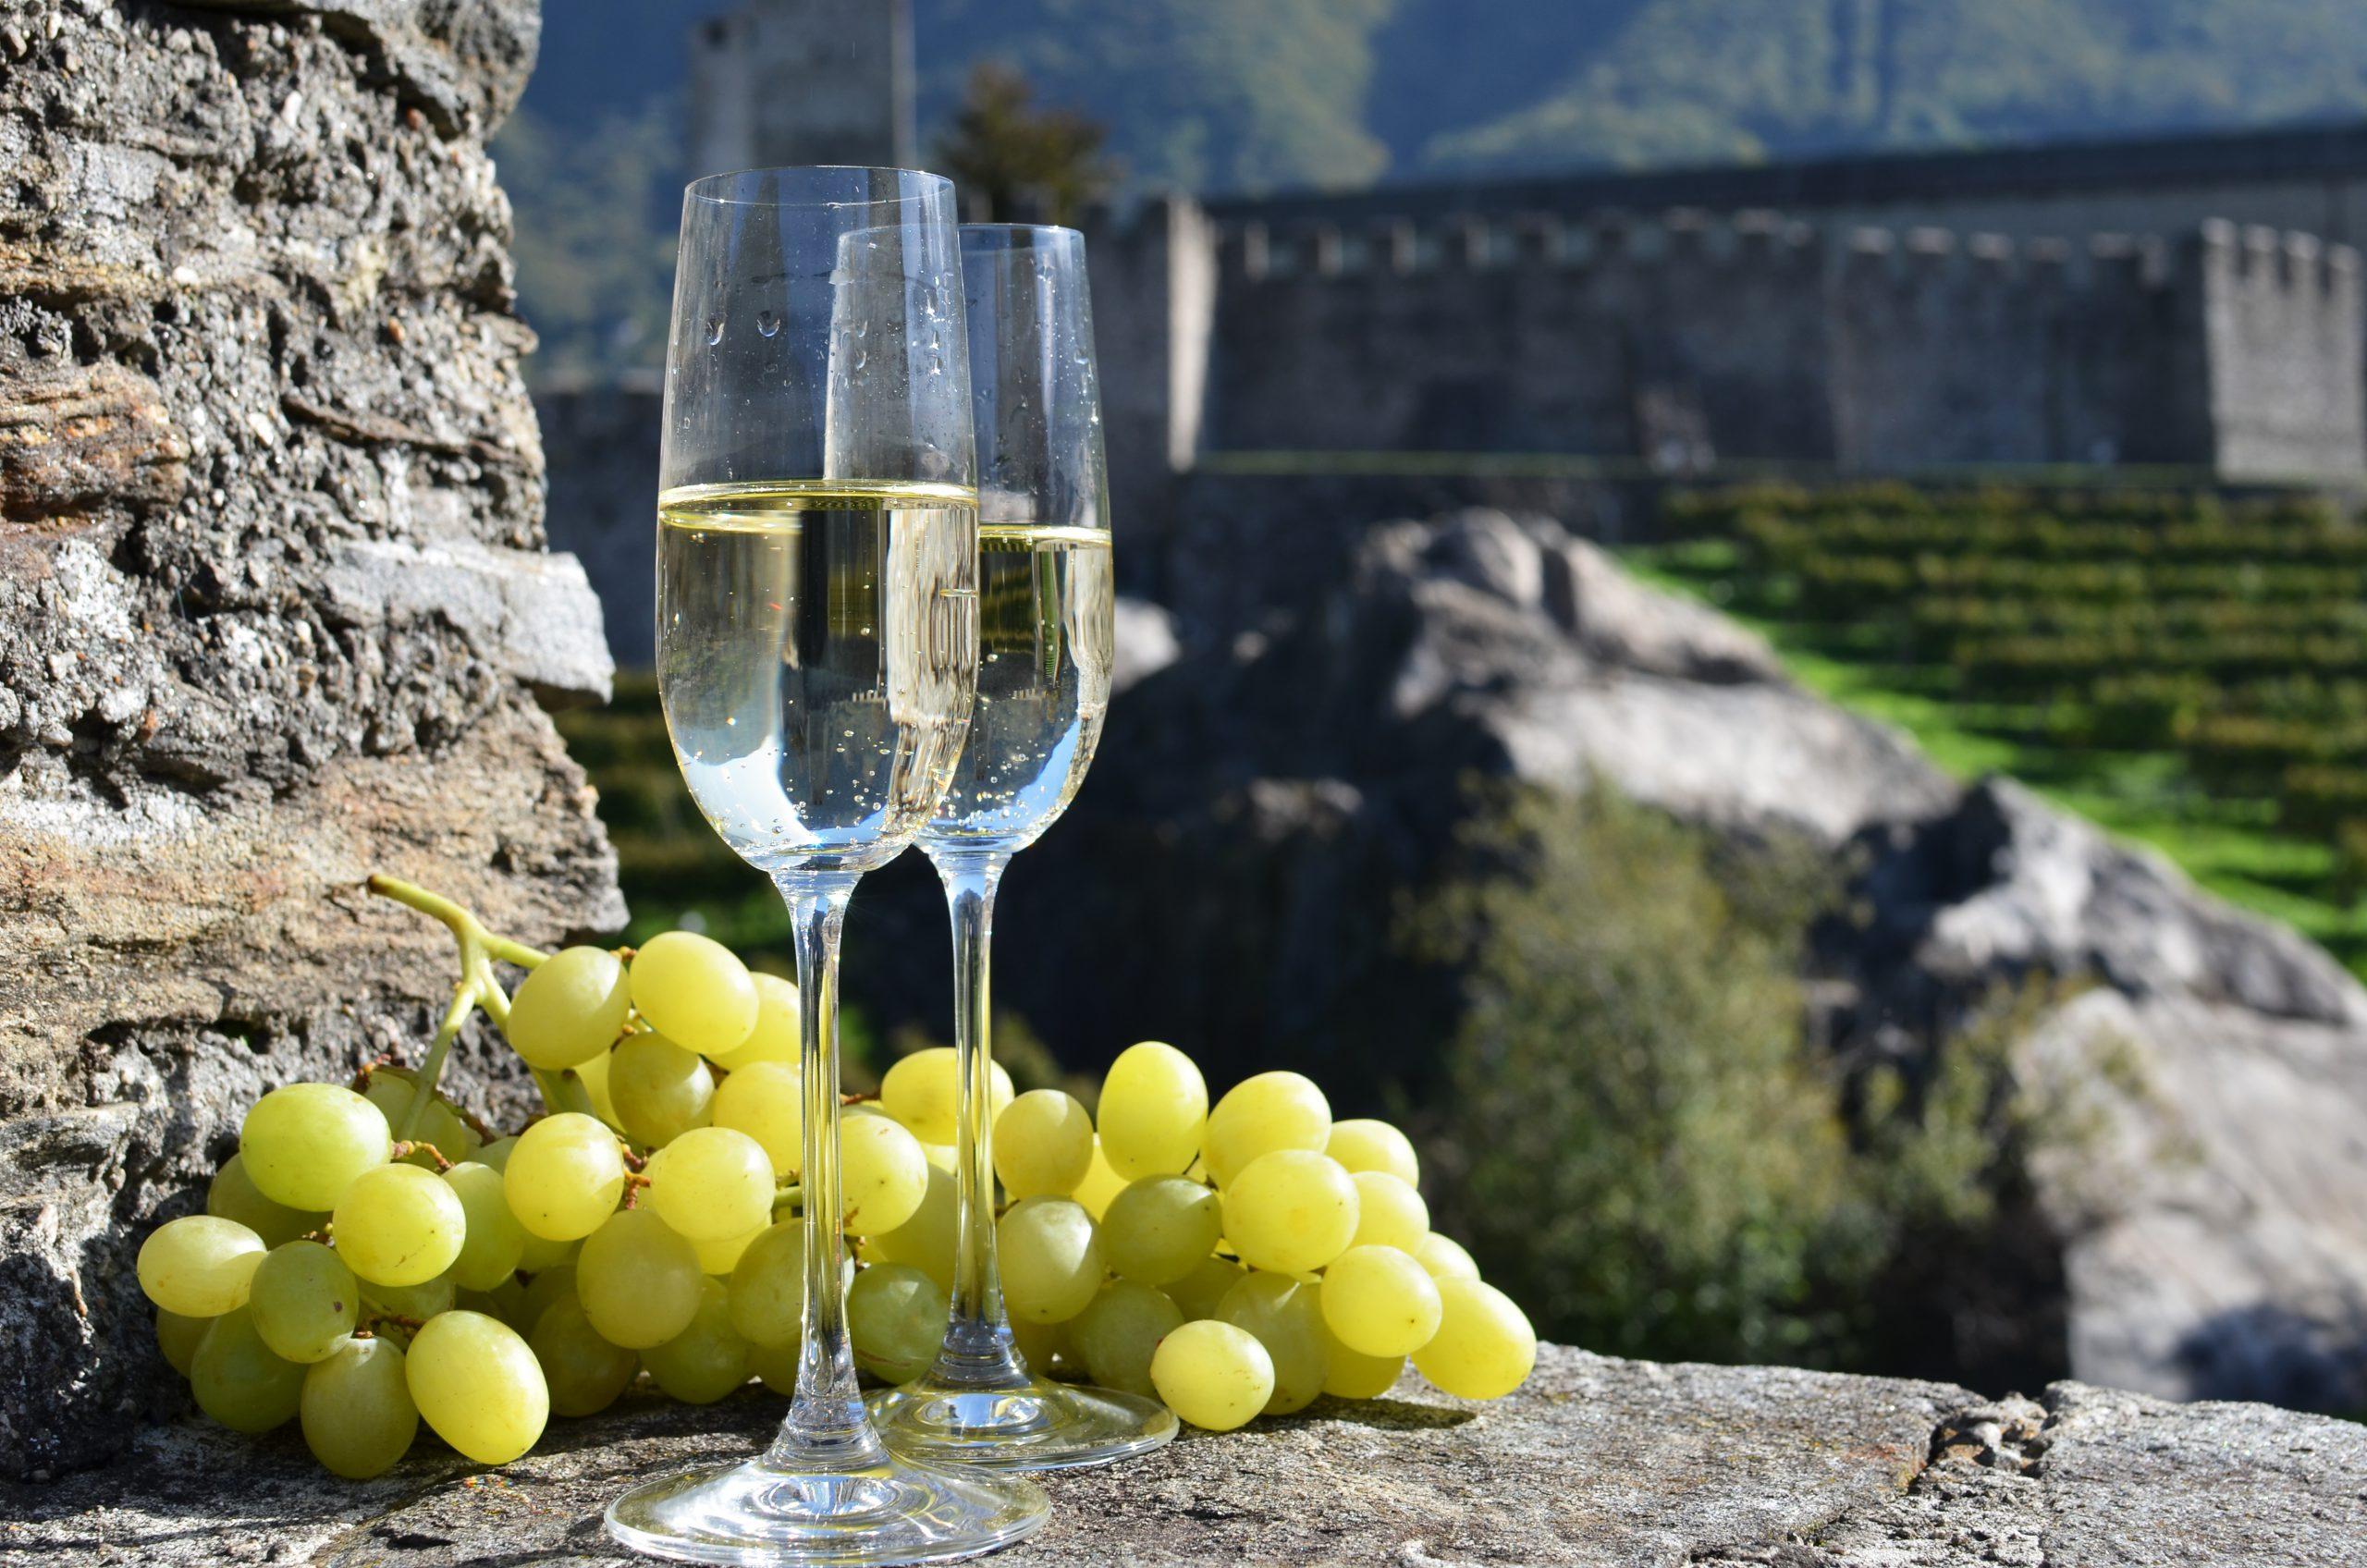 ブドウ品種「モスカート」の味わいや香りを知って楽しく味わおう